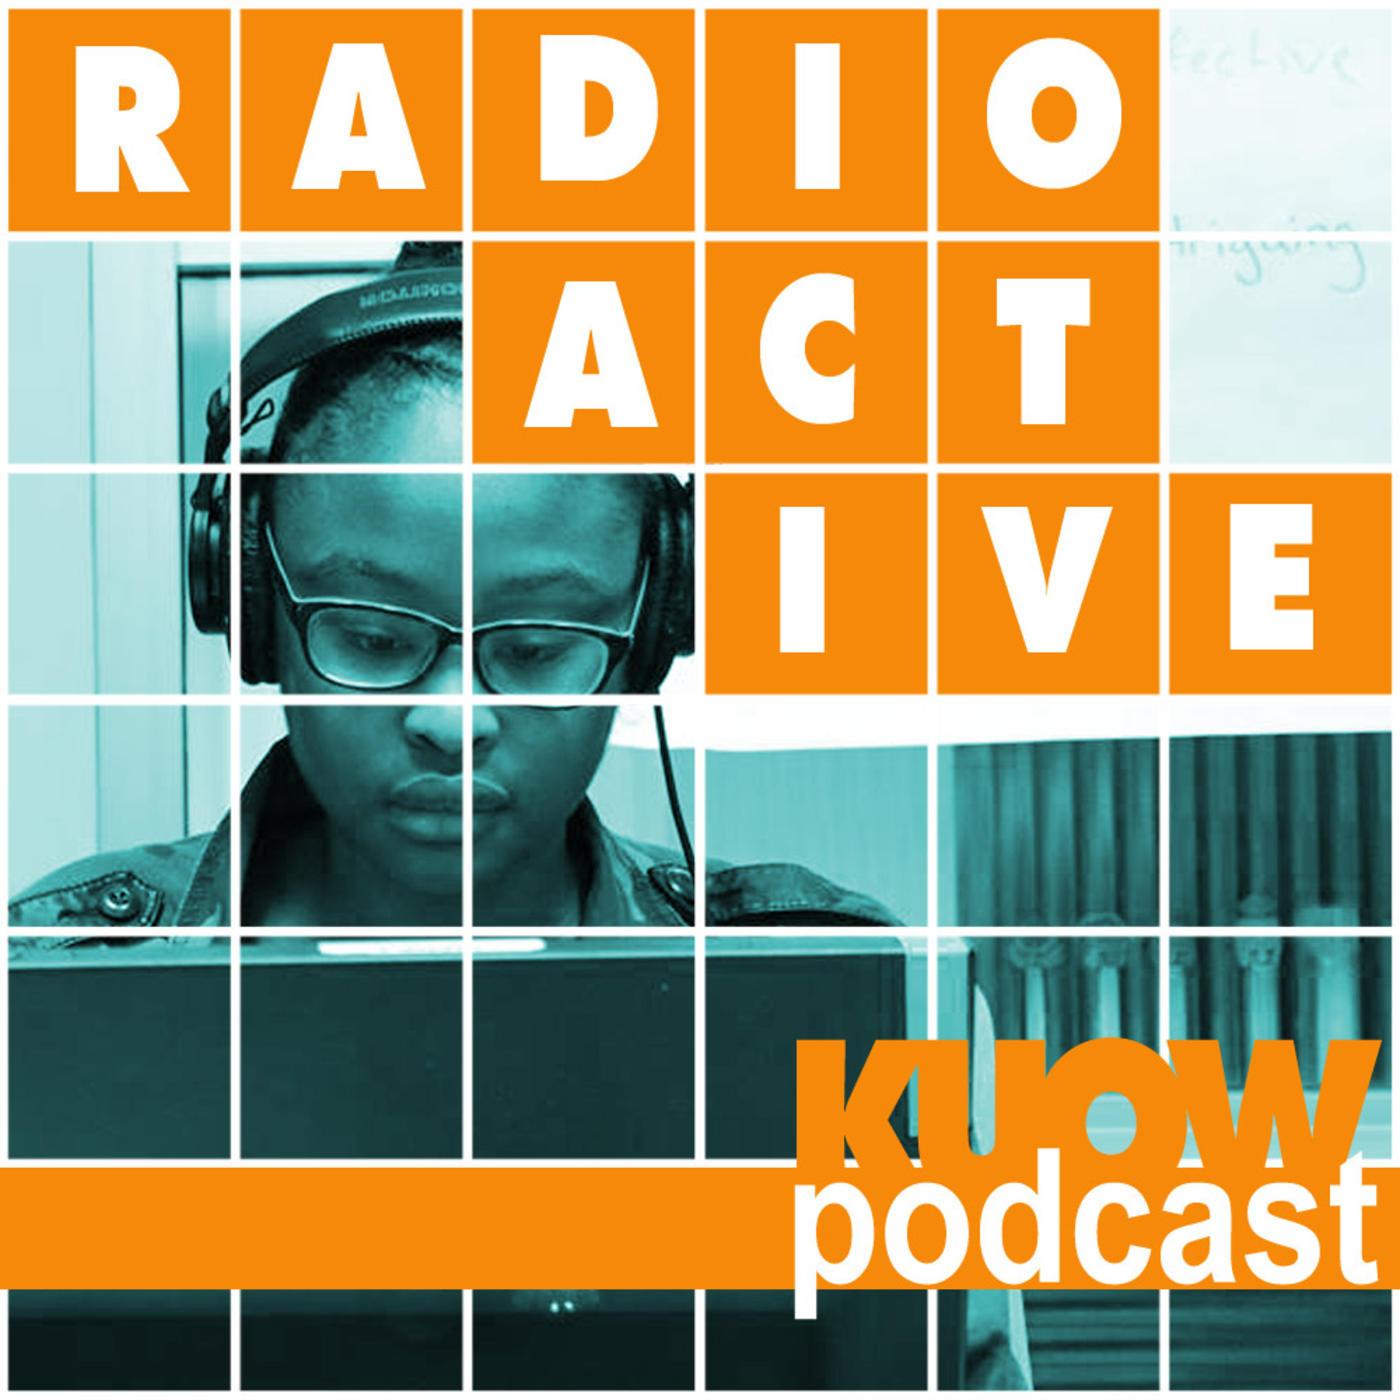 RadioActive Youth Media